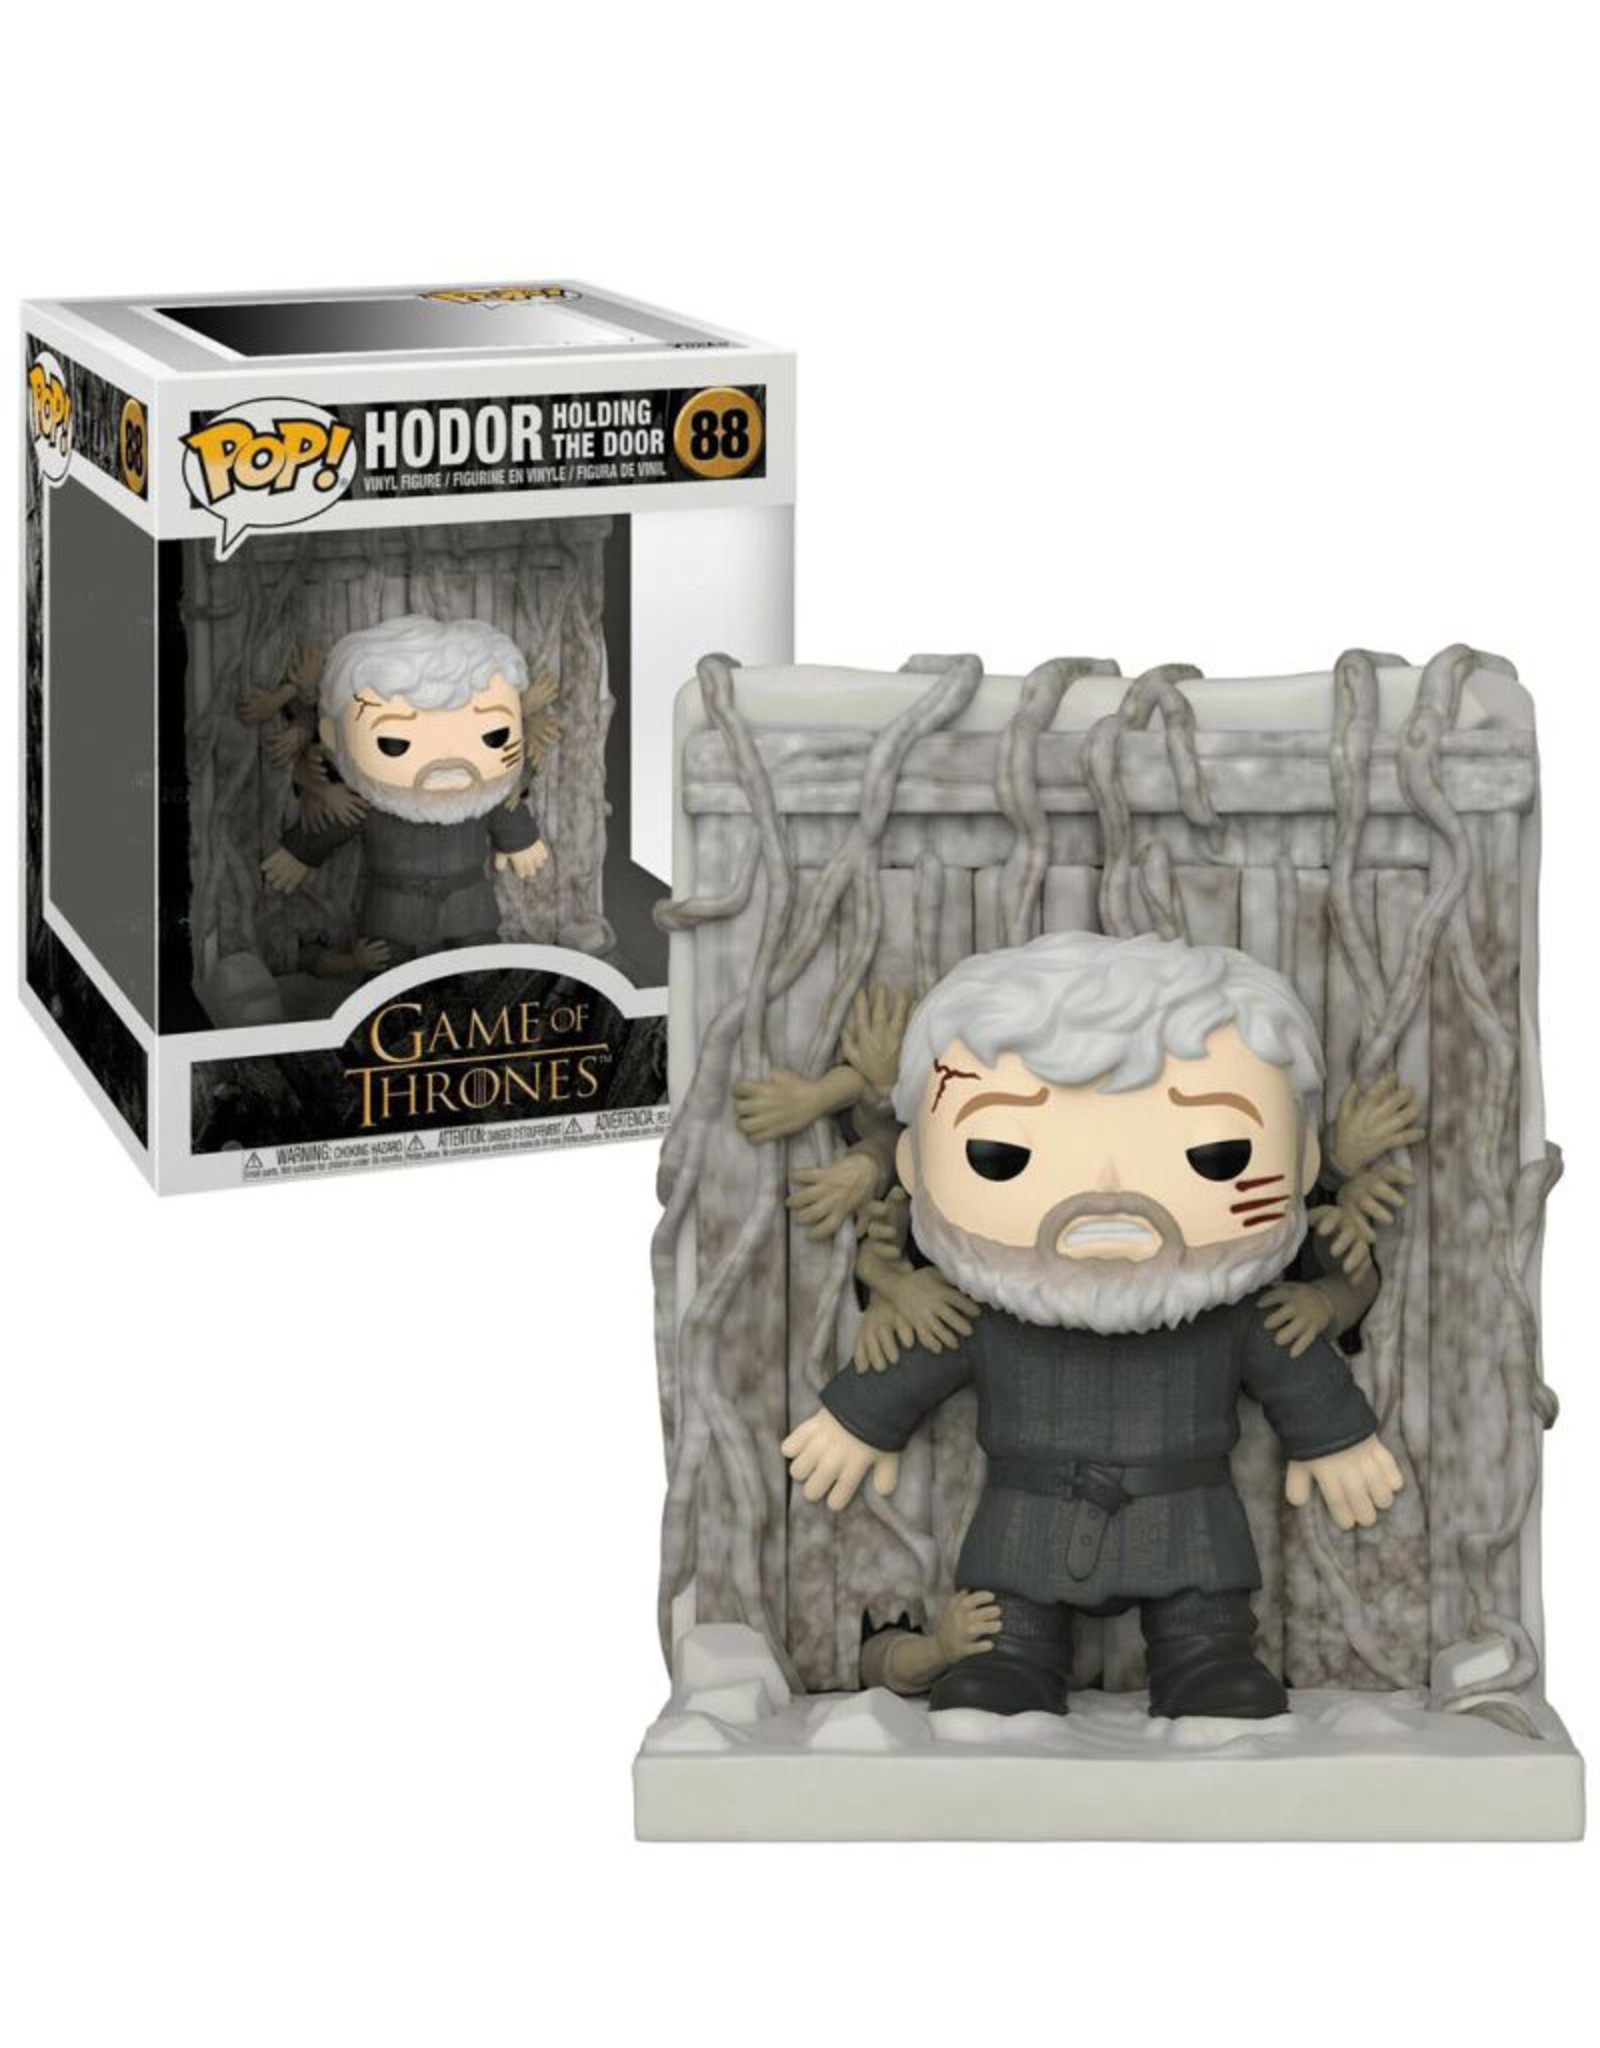 Game of thrones Hodor Holding The Door 88 ( Funko Pop ) Game of Trones